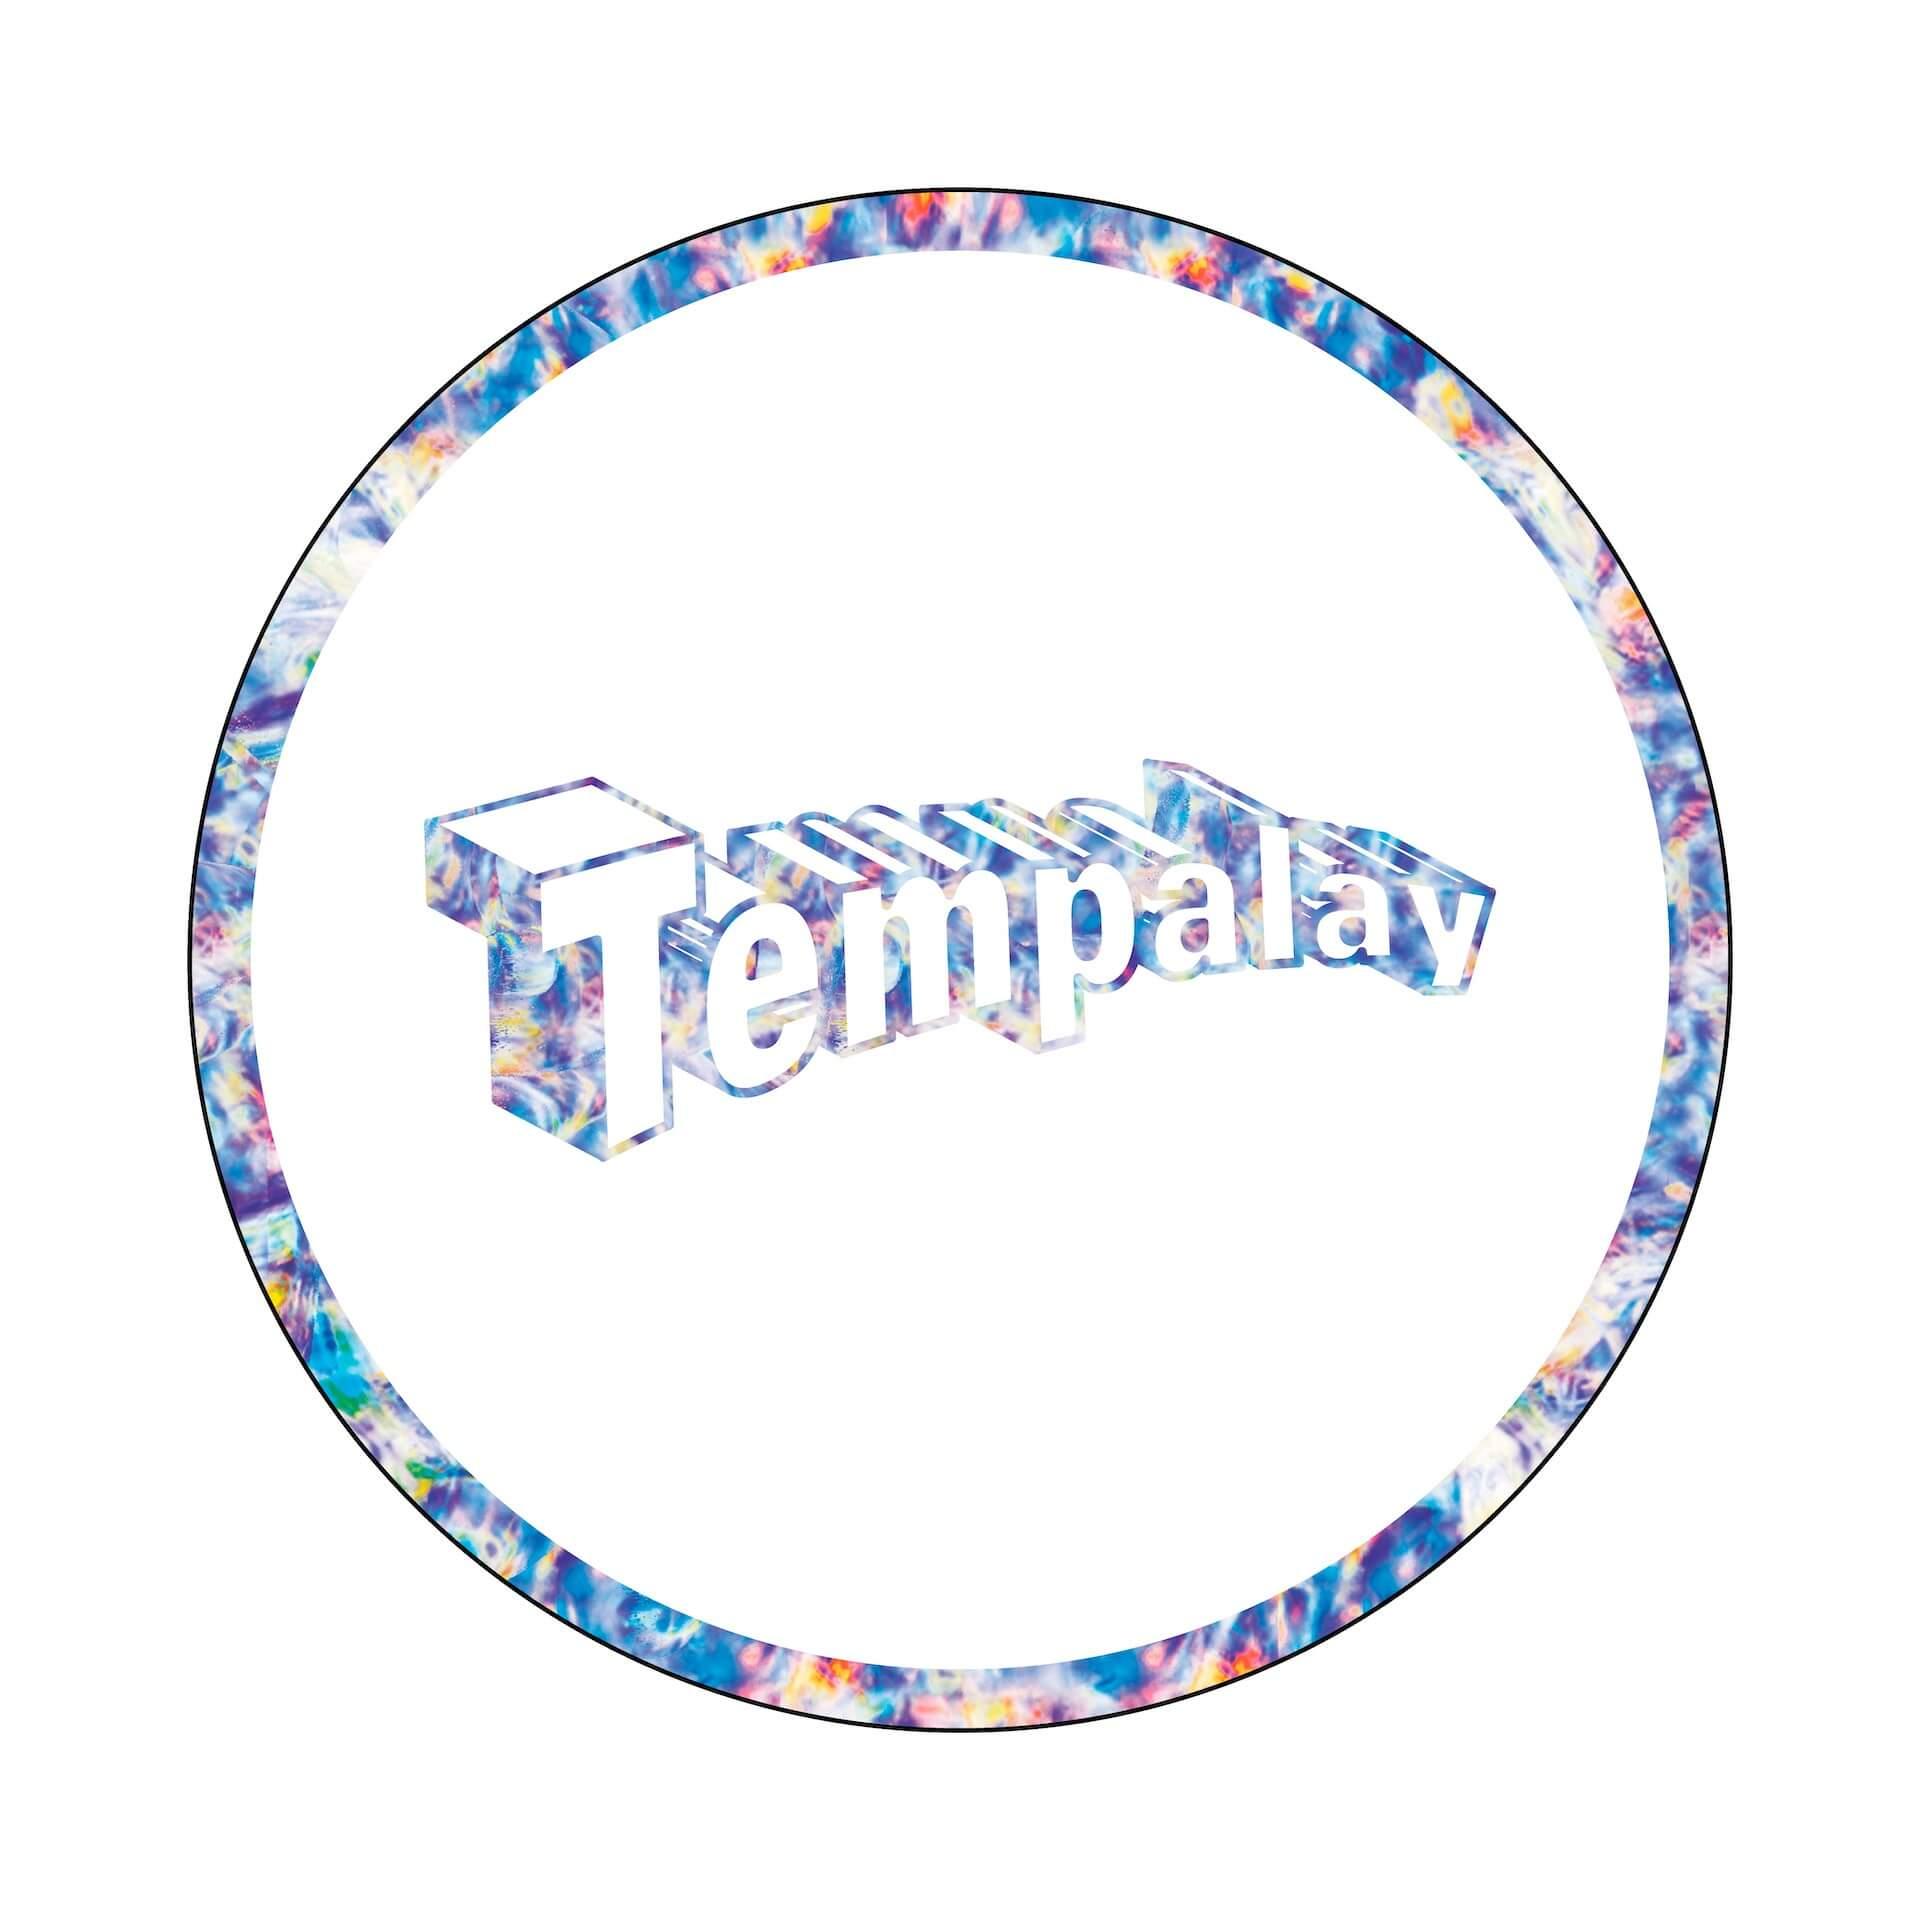 Tempalayがフルアルバム『ゴーストアルバム』のリリース決定!初回限定盤にはライブ映像を収録したDVDが付属&購入者特典の未発表楽曲も music210125_tempalay-07